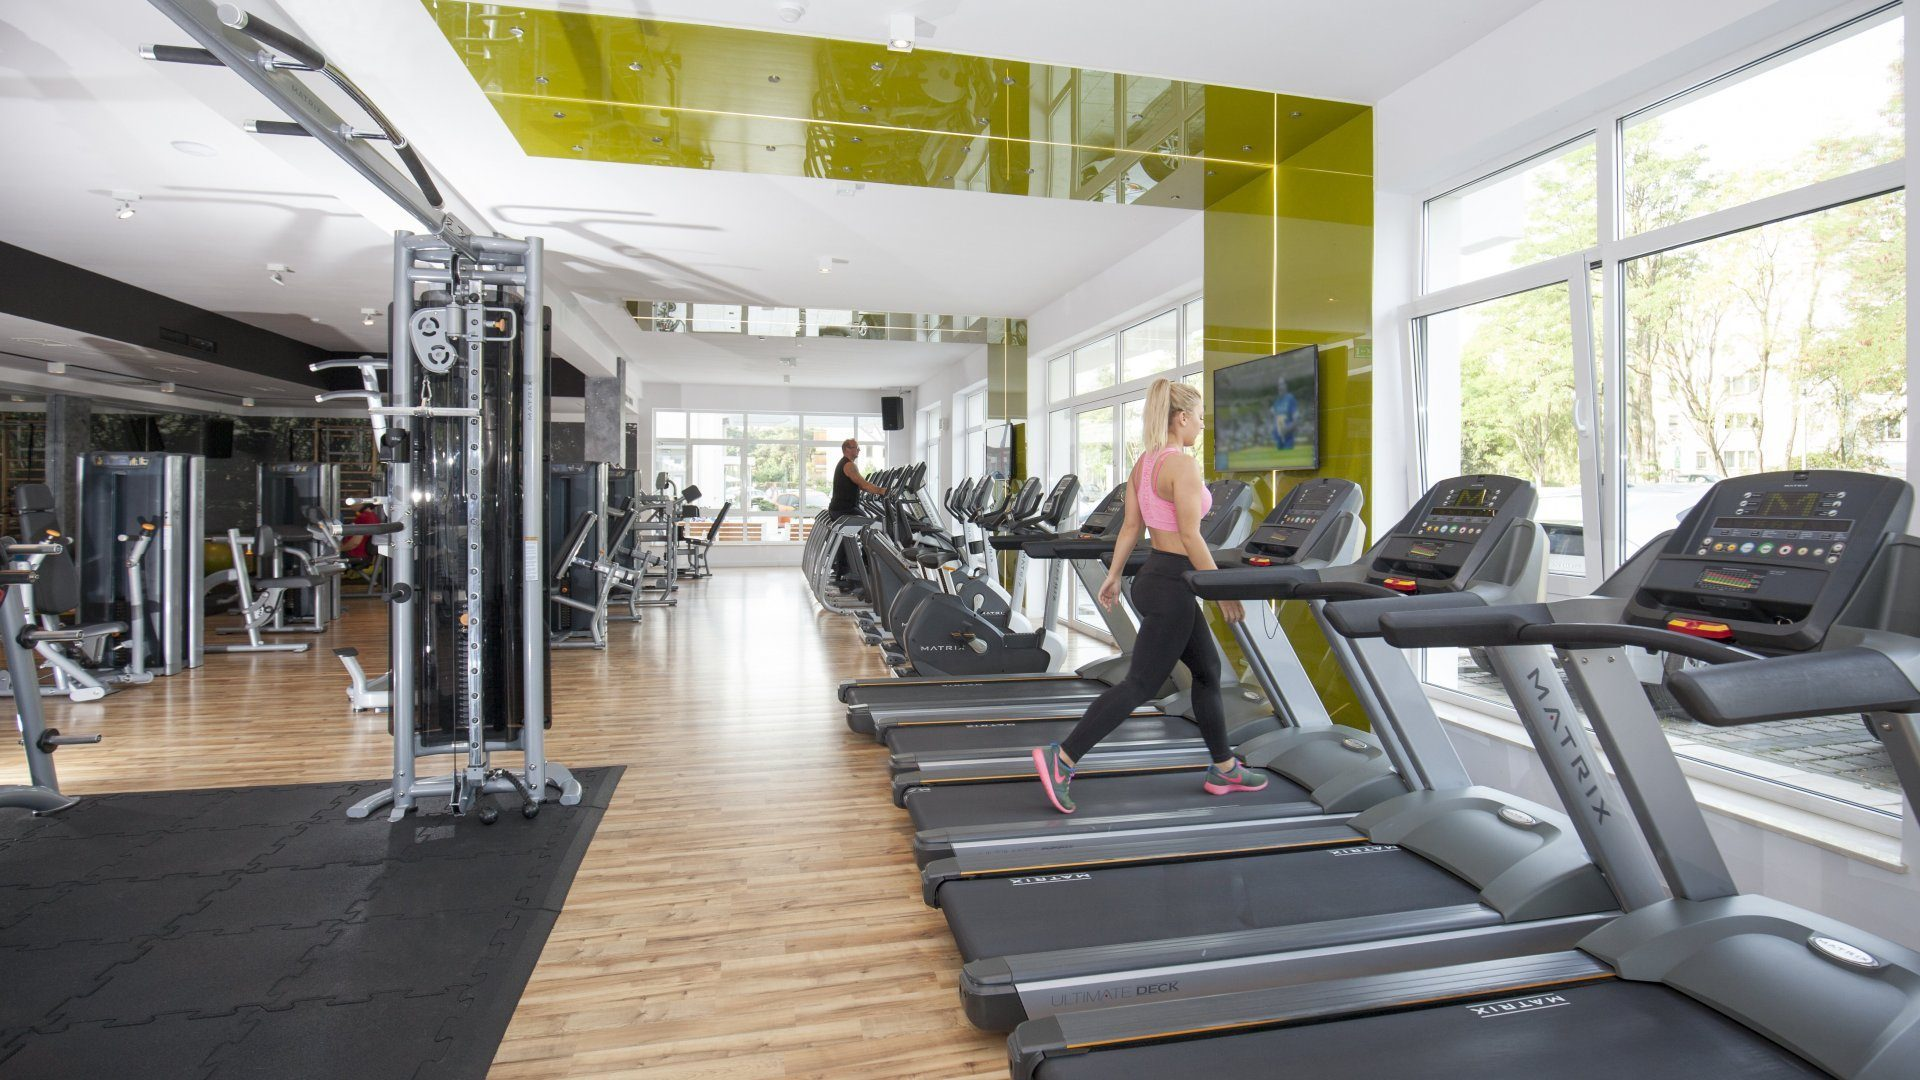 Fitness & Gym by Grand Lubicz - Zaprasza!